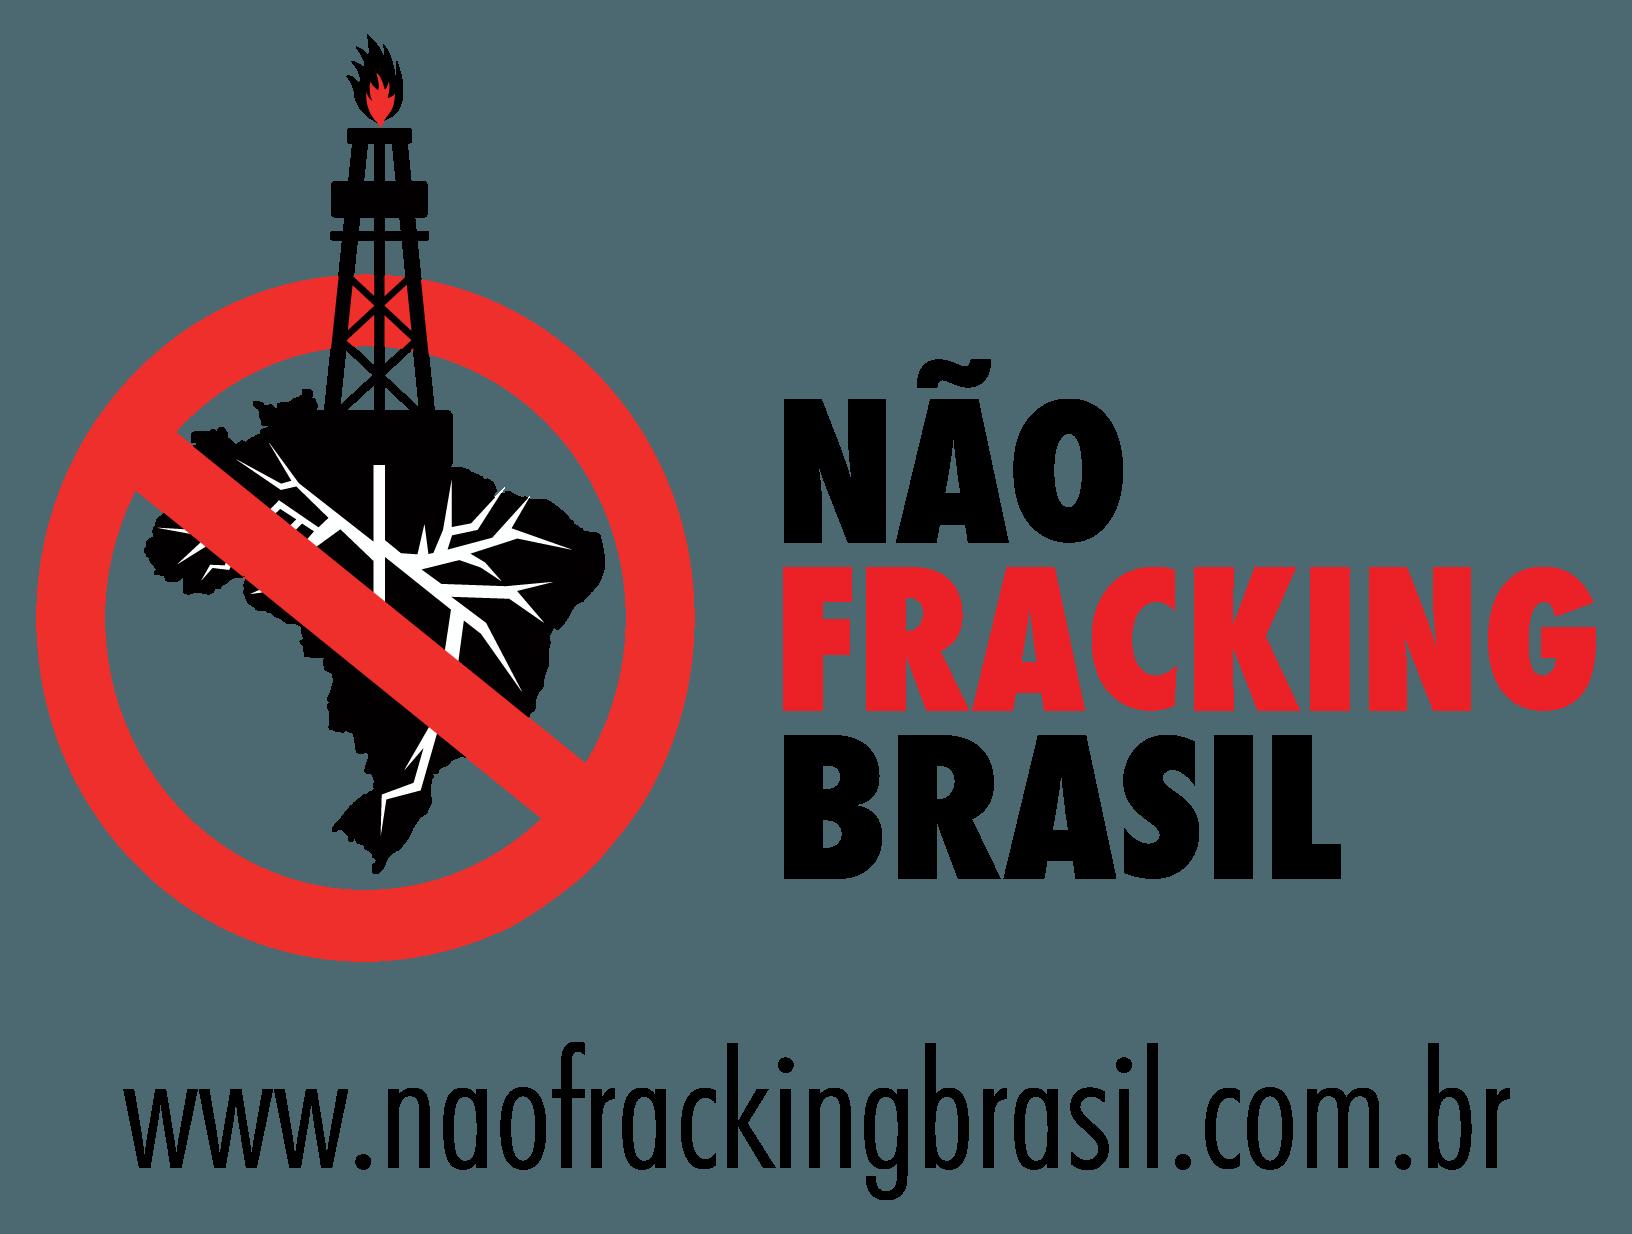 País fraturado – Em sua coluna, Marcelo Leite chama atenção para o fraturamento hidráulico (FRACKING)